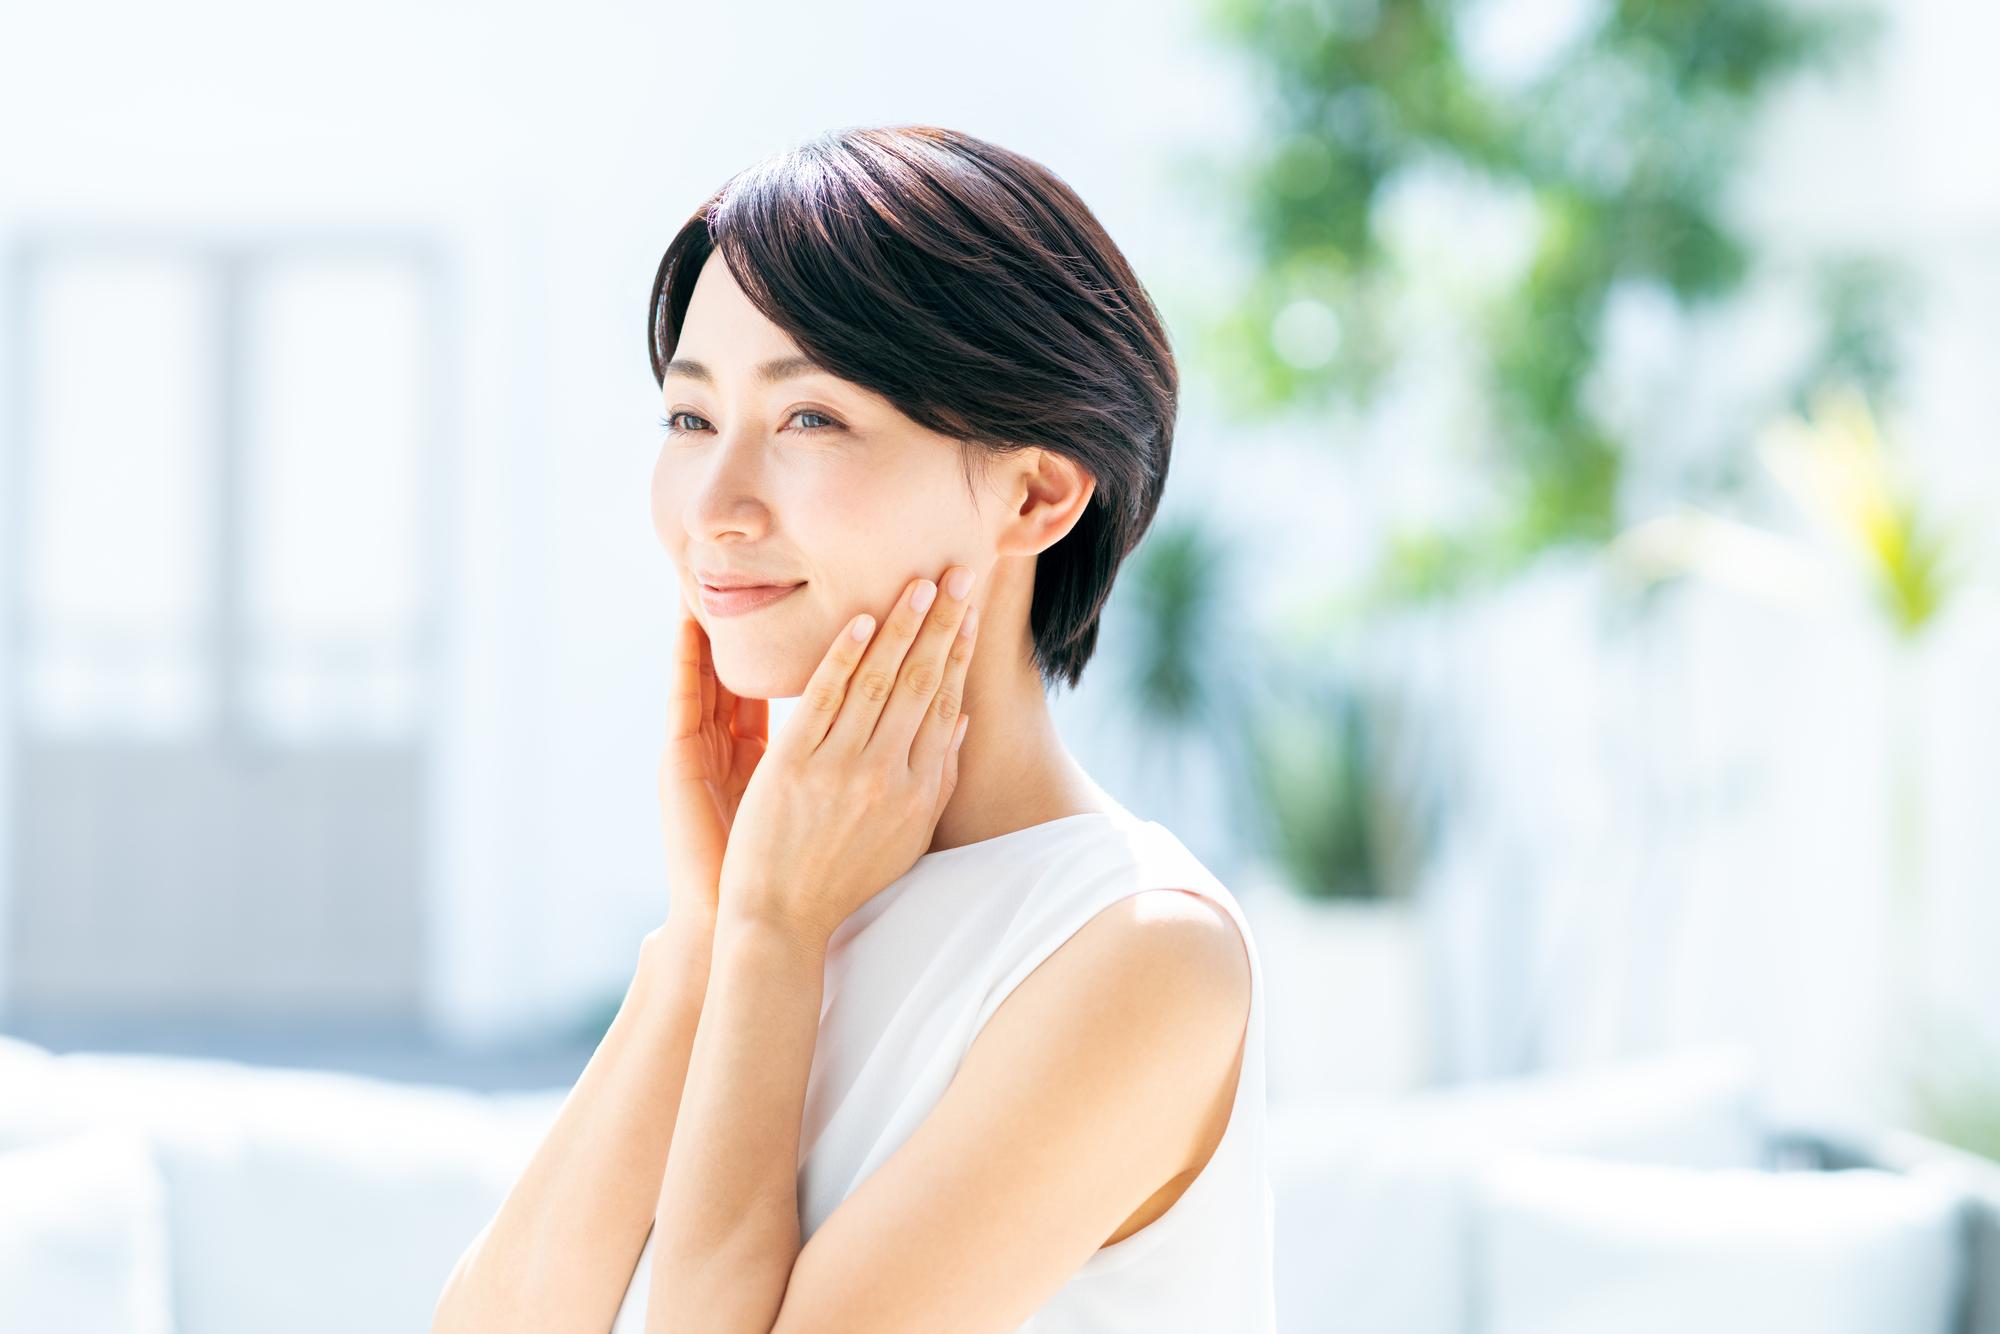 30代の化粧水選び|口コミで人気の化粧水ランキング&価格帯・目的別12選